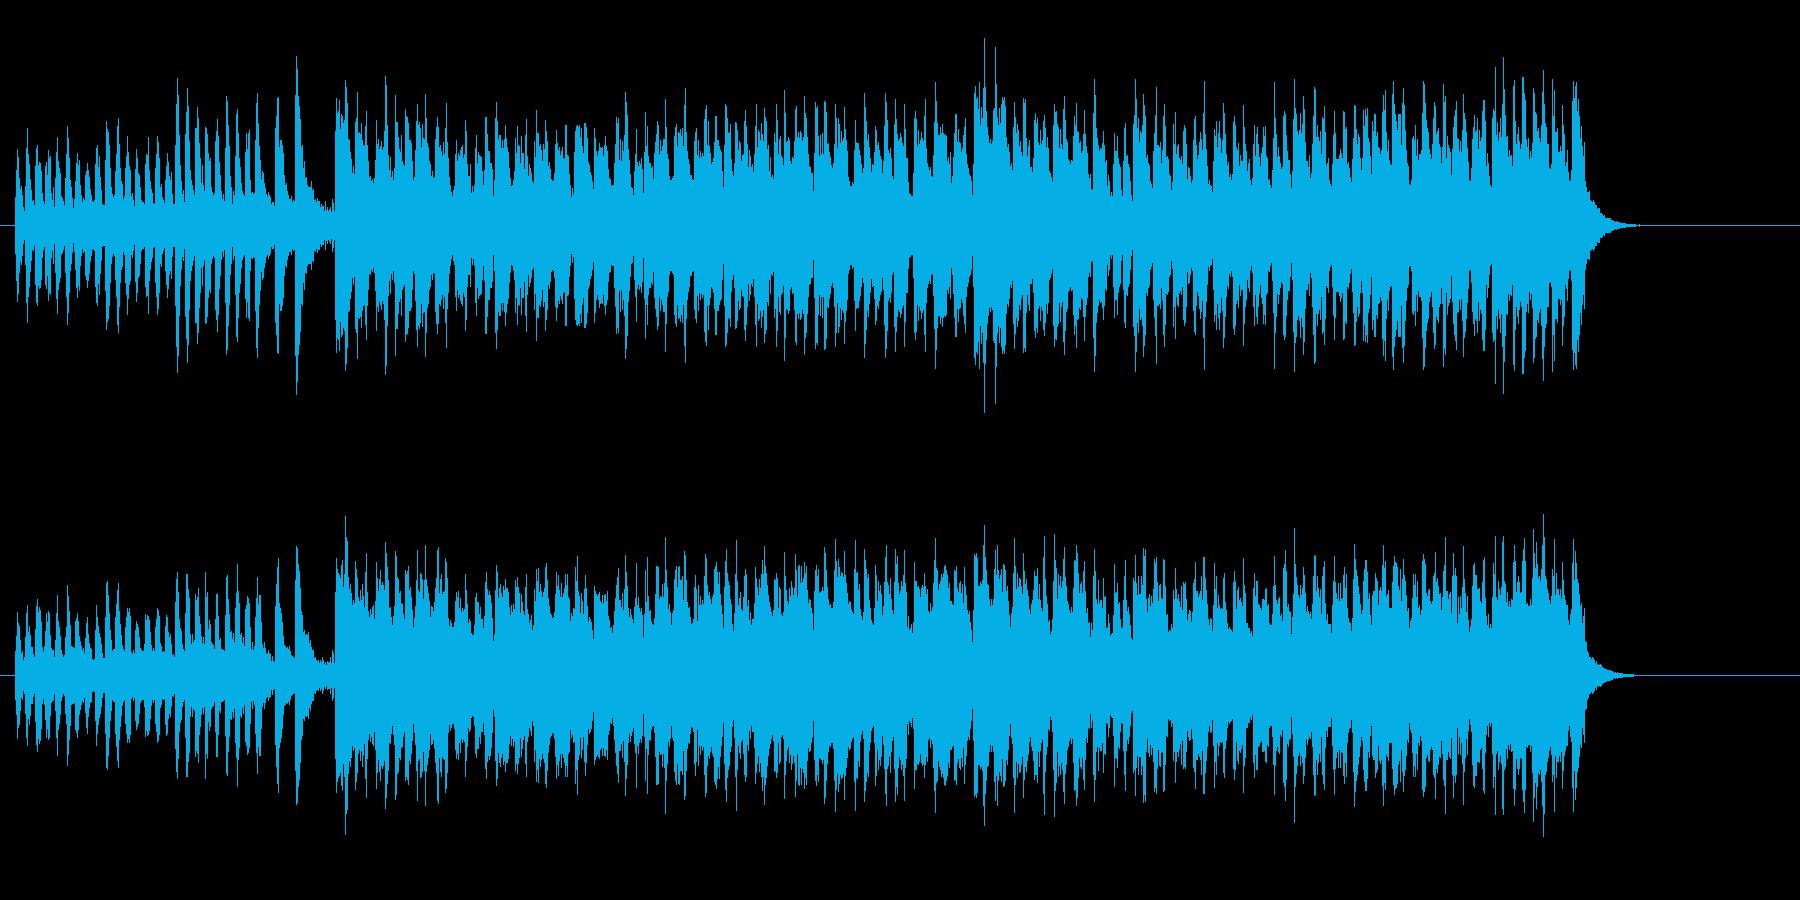 明るくかわいいマーチ・サウンドの再生済みの波形